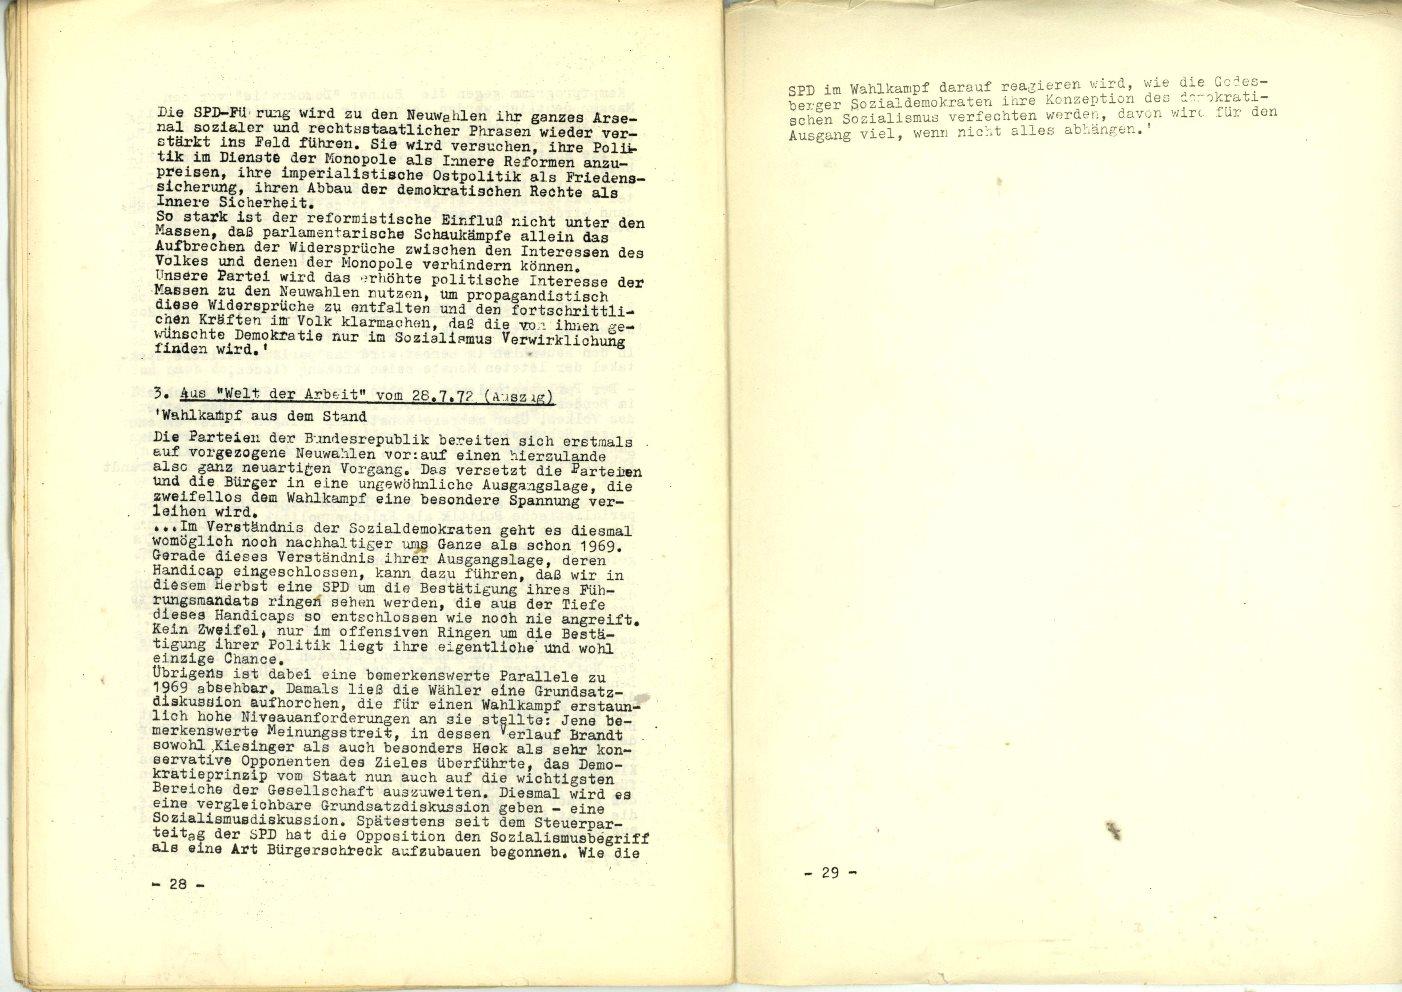 ZB_Rahmenplan_19720804_16